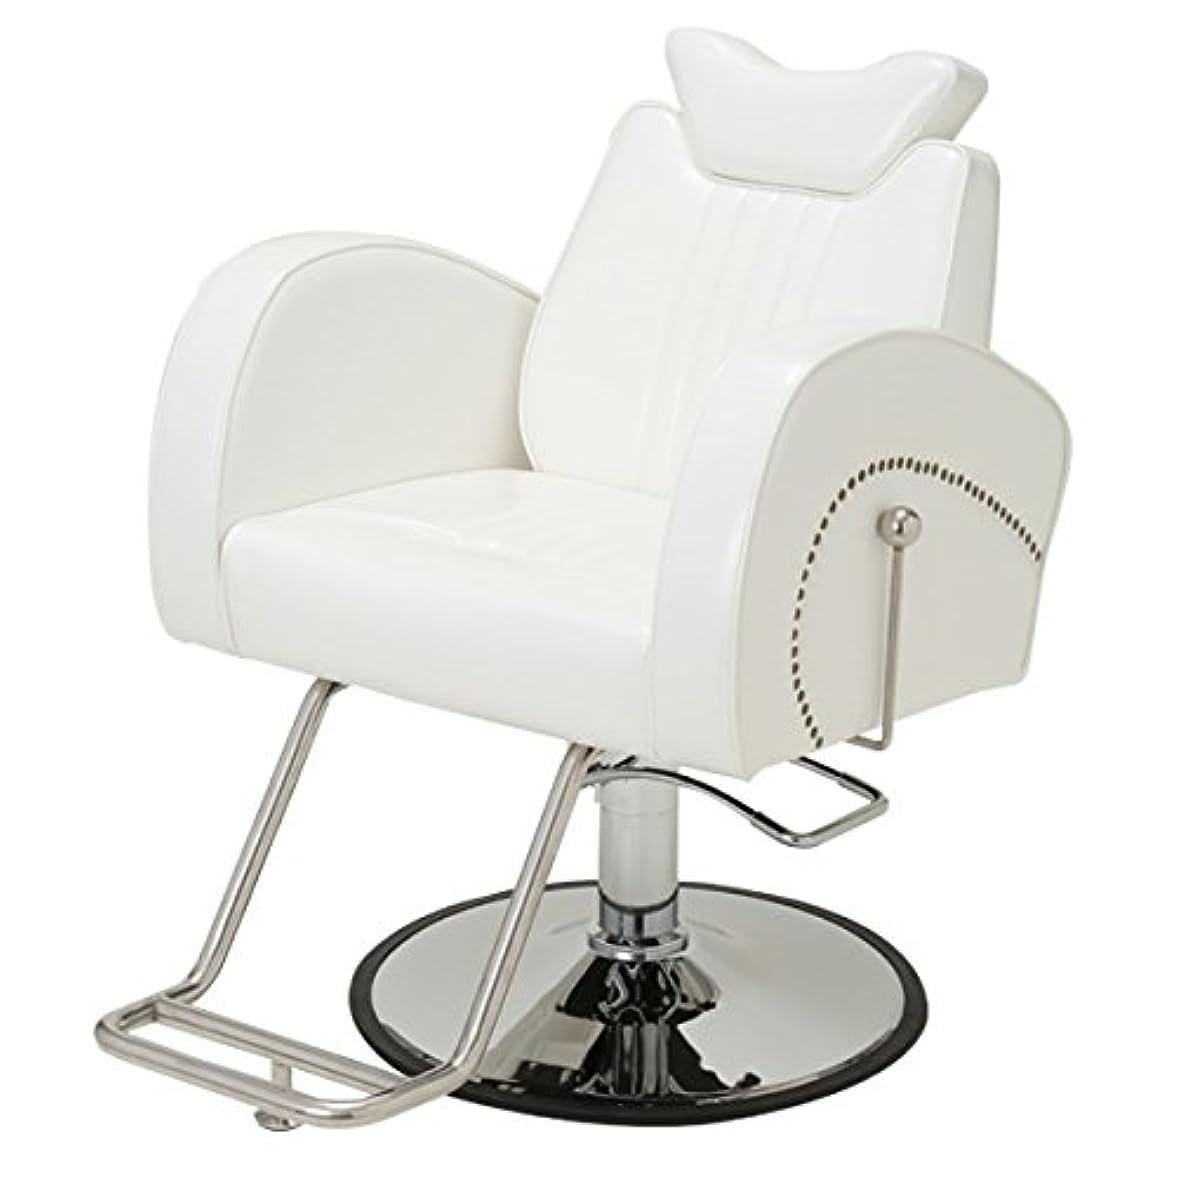 ラッドヤードキップリング大佐国歌手動マクラ付き マルチチェア Cozy 802 ホワイト [ スタイリングチェア シャンプー椅子 チェア 椅子 イス セットチェア セット椅子 セットイス カットチェア カット椅子 カットイス 美容室椅子 美容室 美容師 ]